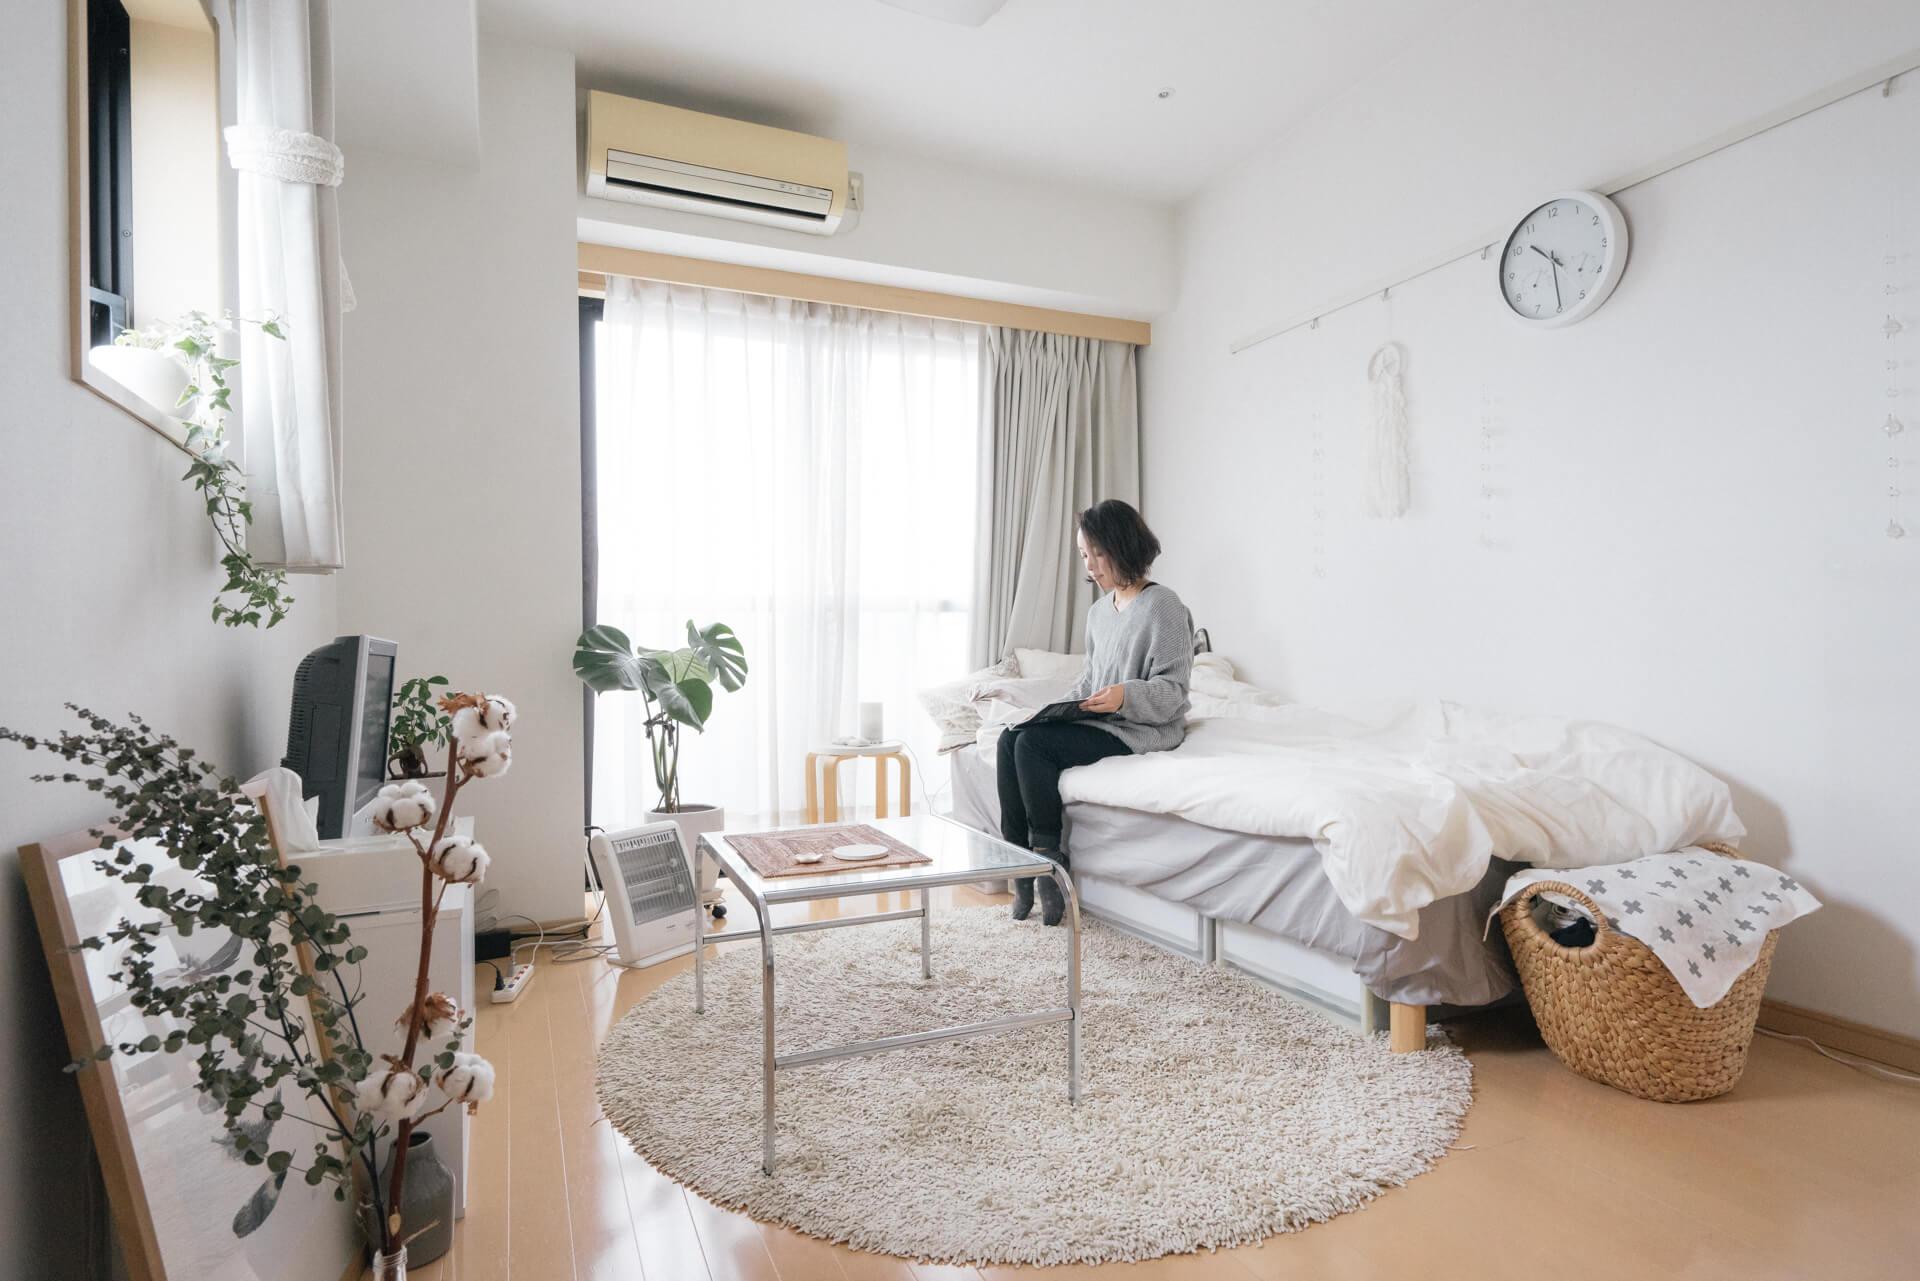 フローリングはライトブラウンのお部屋なのですが、家具や寝具の多くの部分に「ホワイト」を取り入れることで、配分的にベースがホワイト、アソートがライトブラウンになっています。